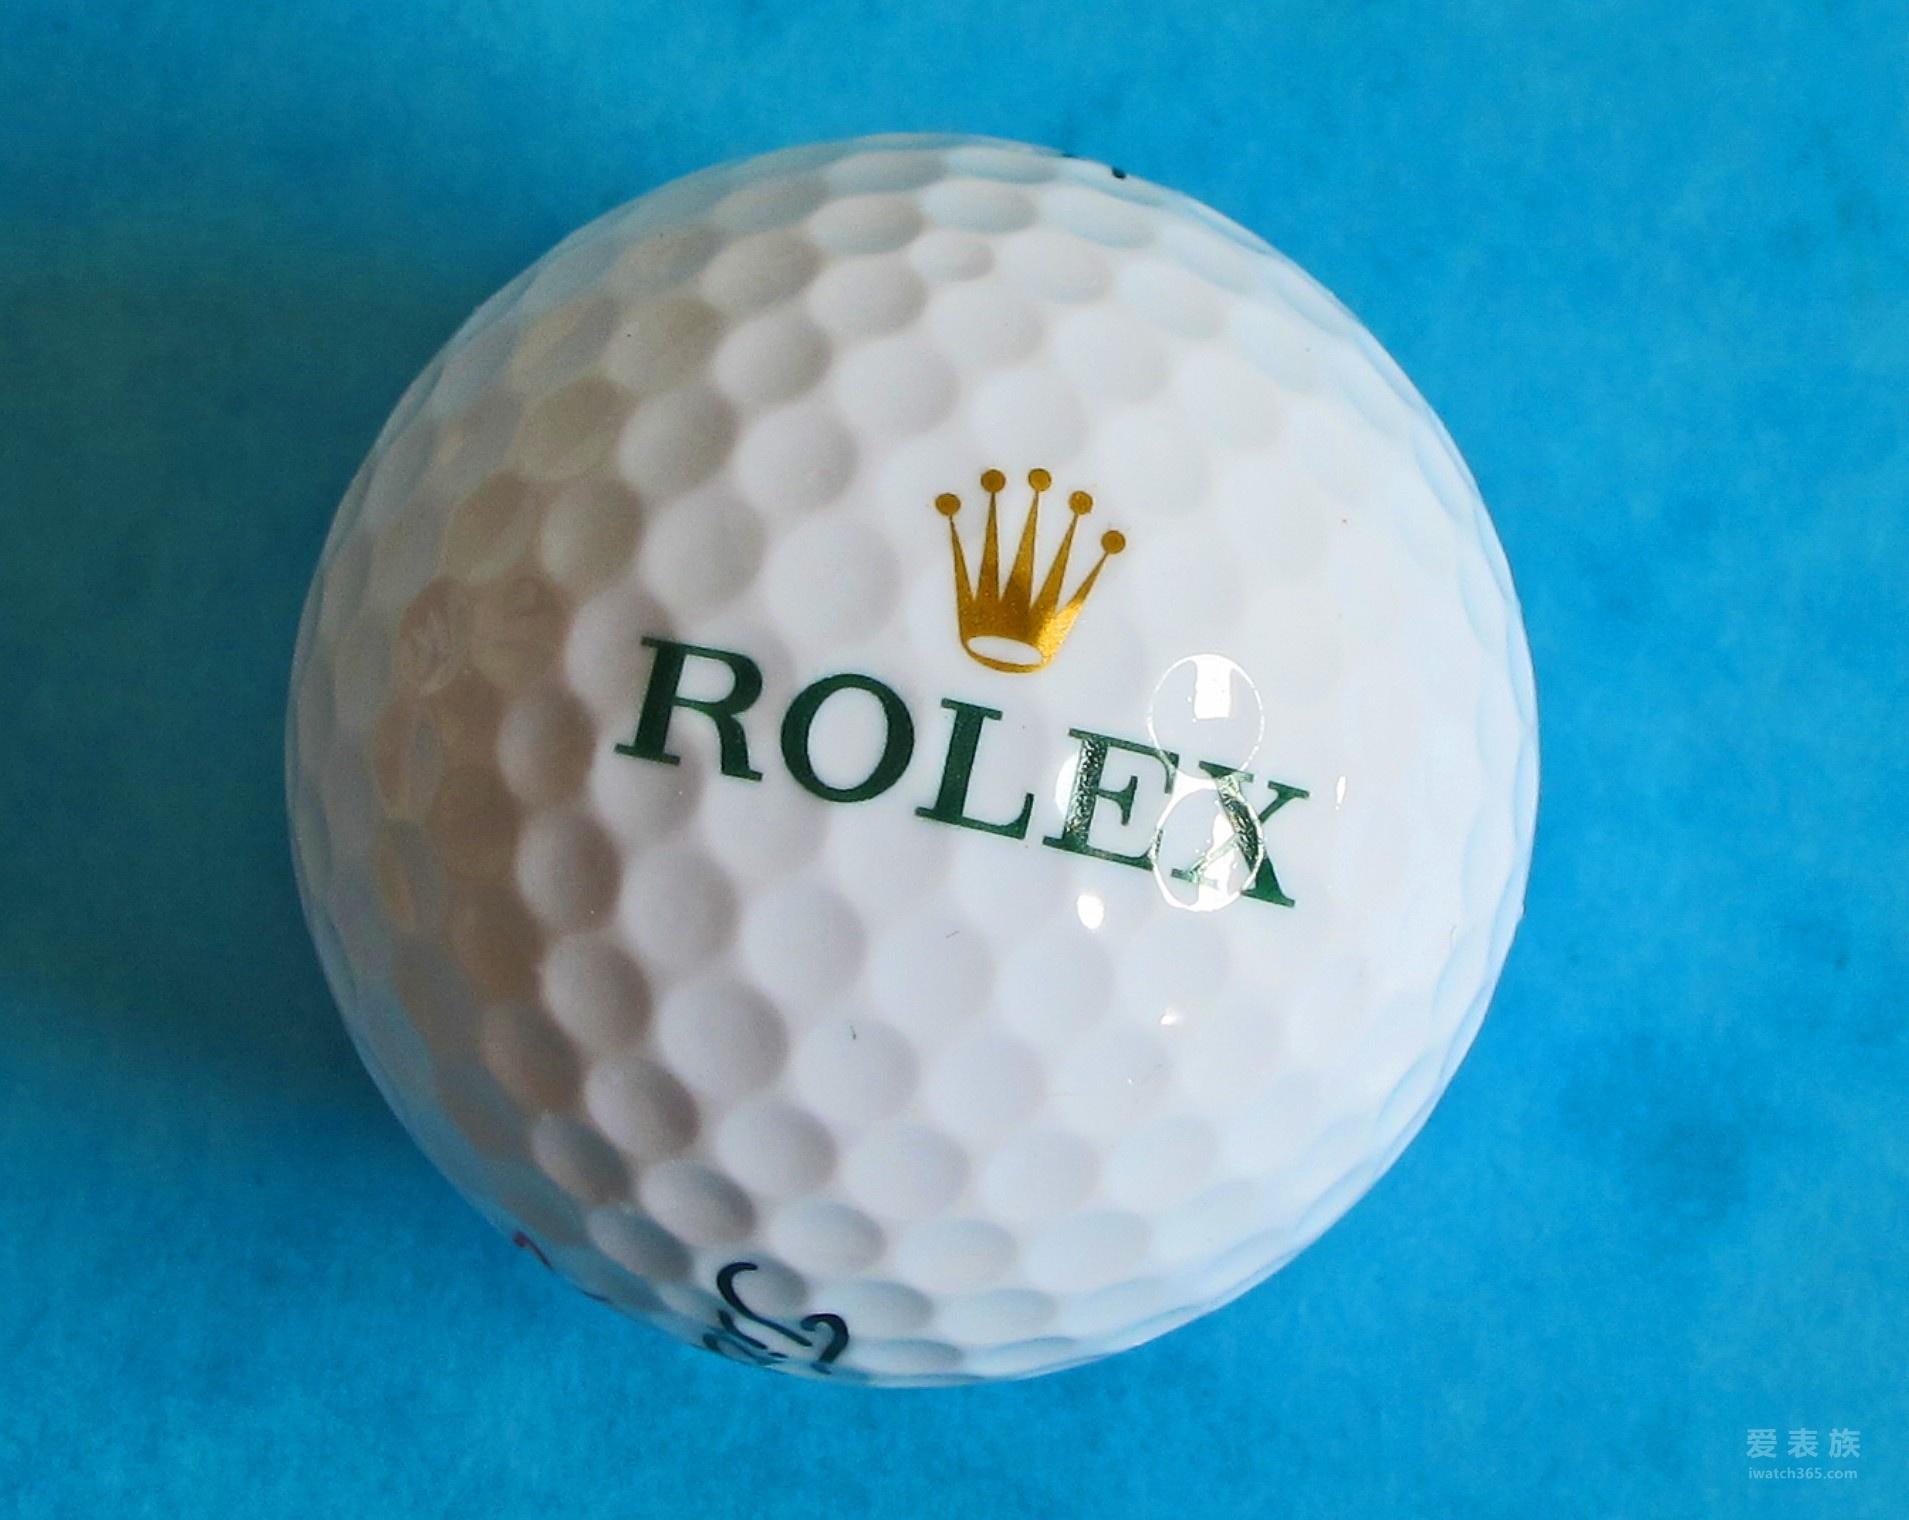 高尔夫运动与高级制表的日久缠绵